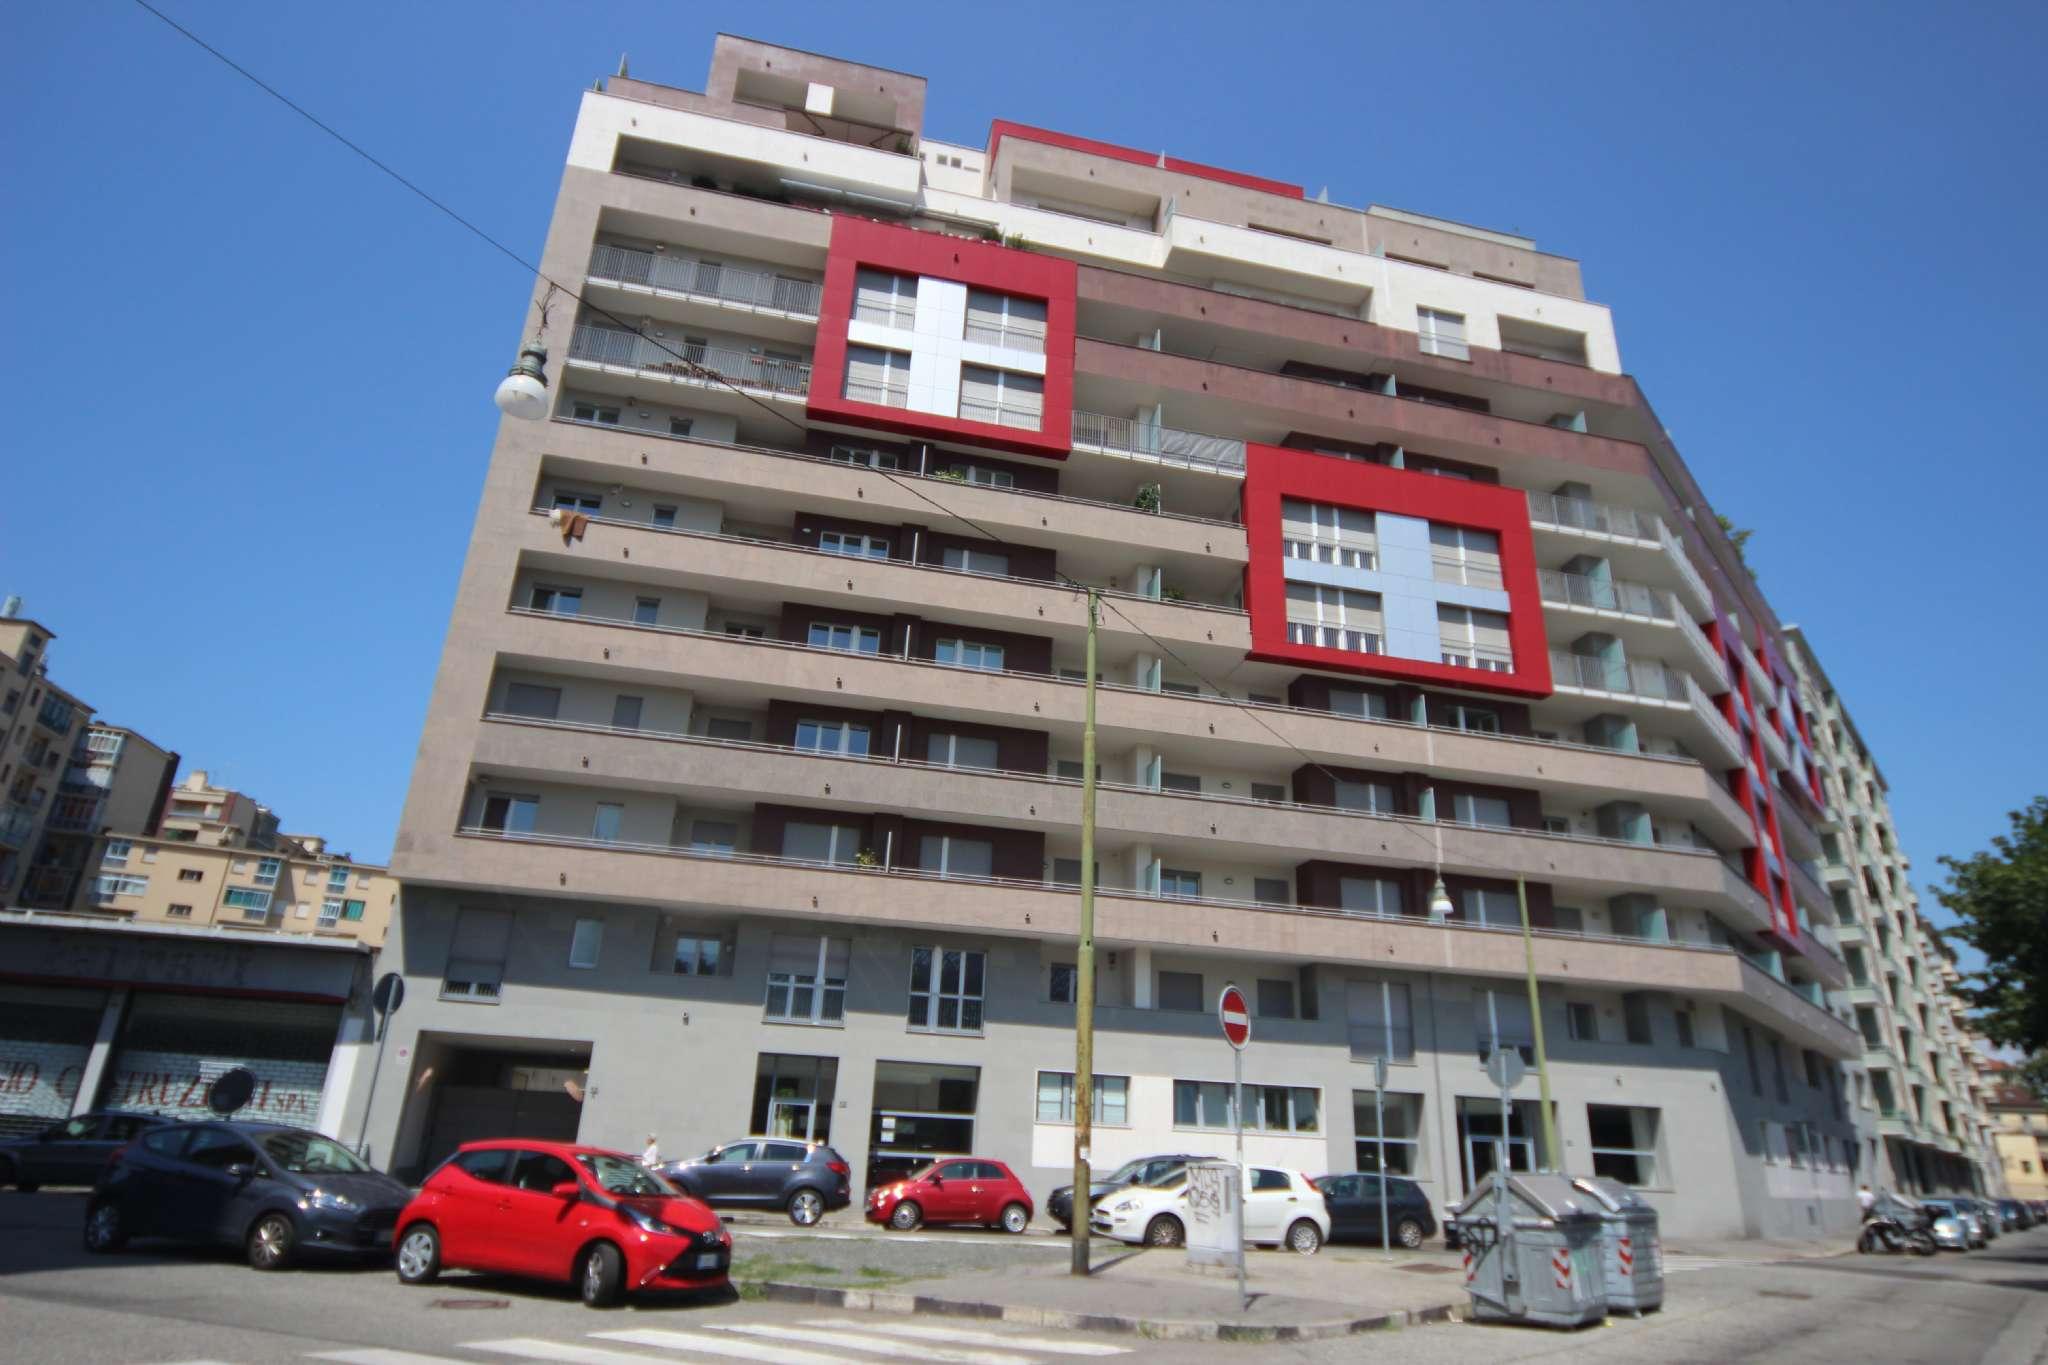 Immagine immobiliare Appartamento in vendita di ca. 128 mq. in C.so Ferrucci 100, Torino Proponiamo in vendita, in Corso Ferrucci, zona Politecnico, in nuova costruzione del 2***, quadrilocale con vista sulla collina di Torino.L'appartamento, sito al 6°...